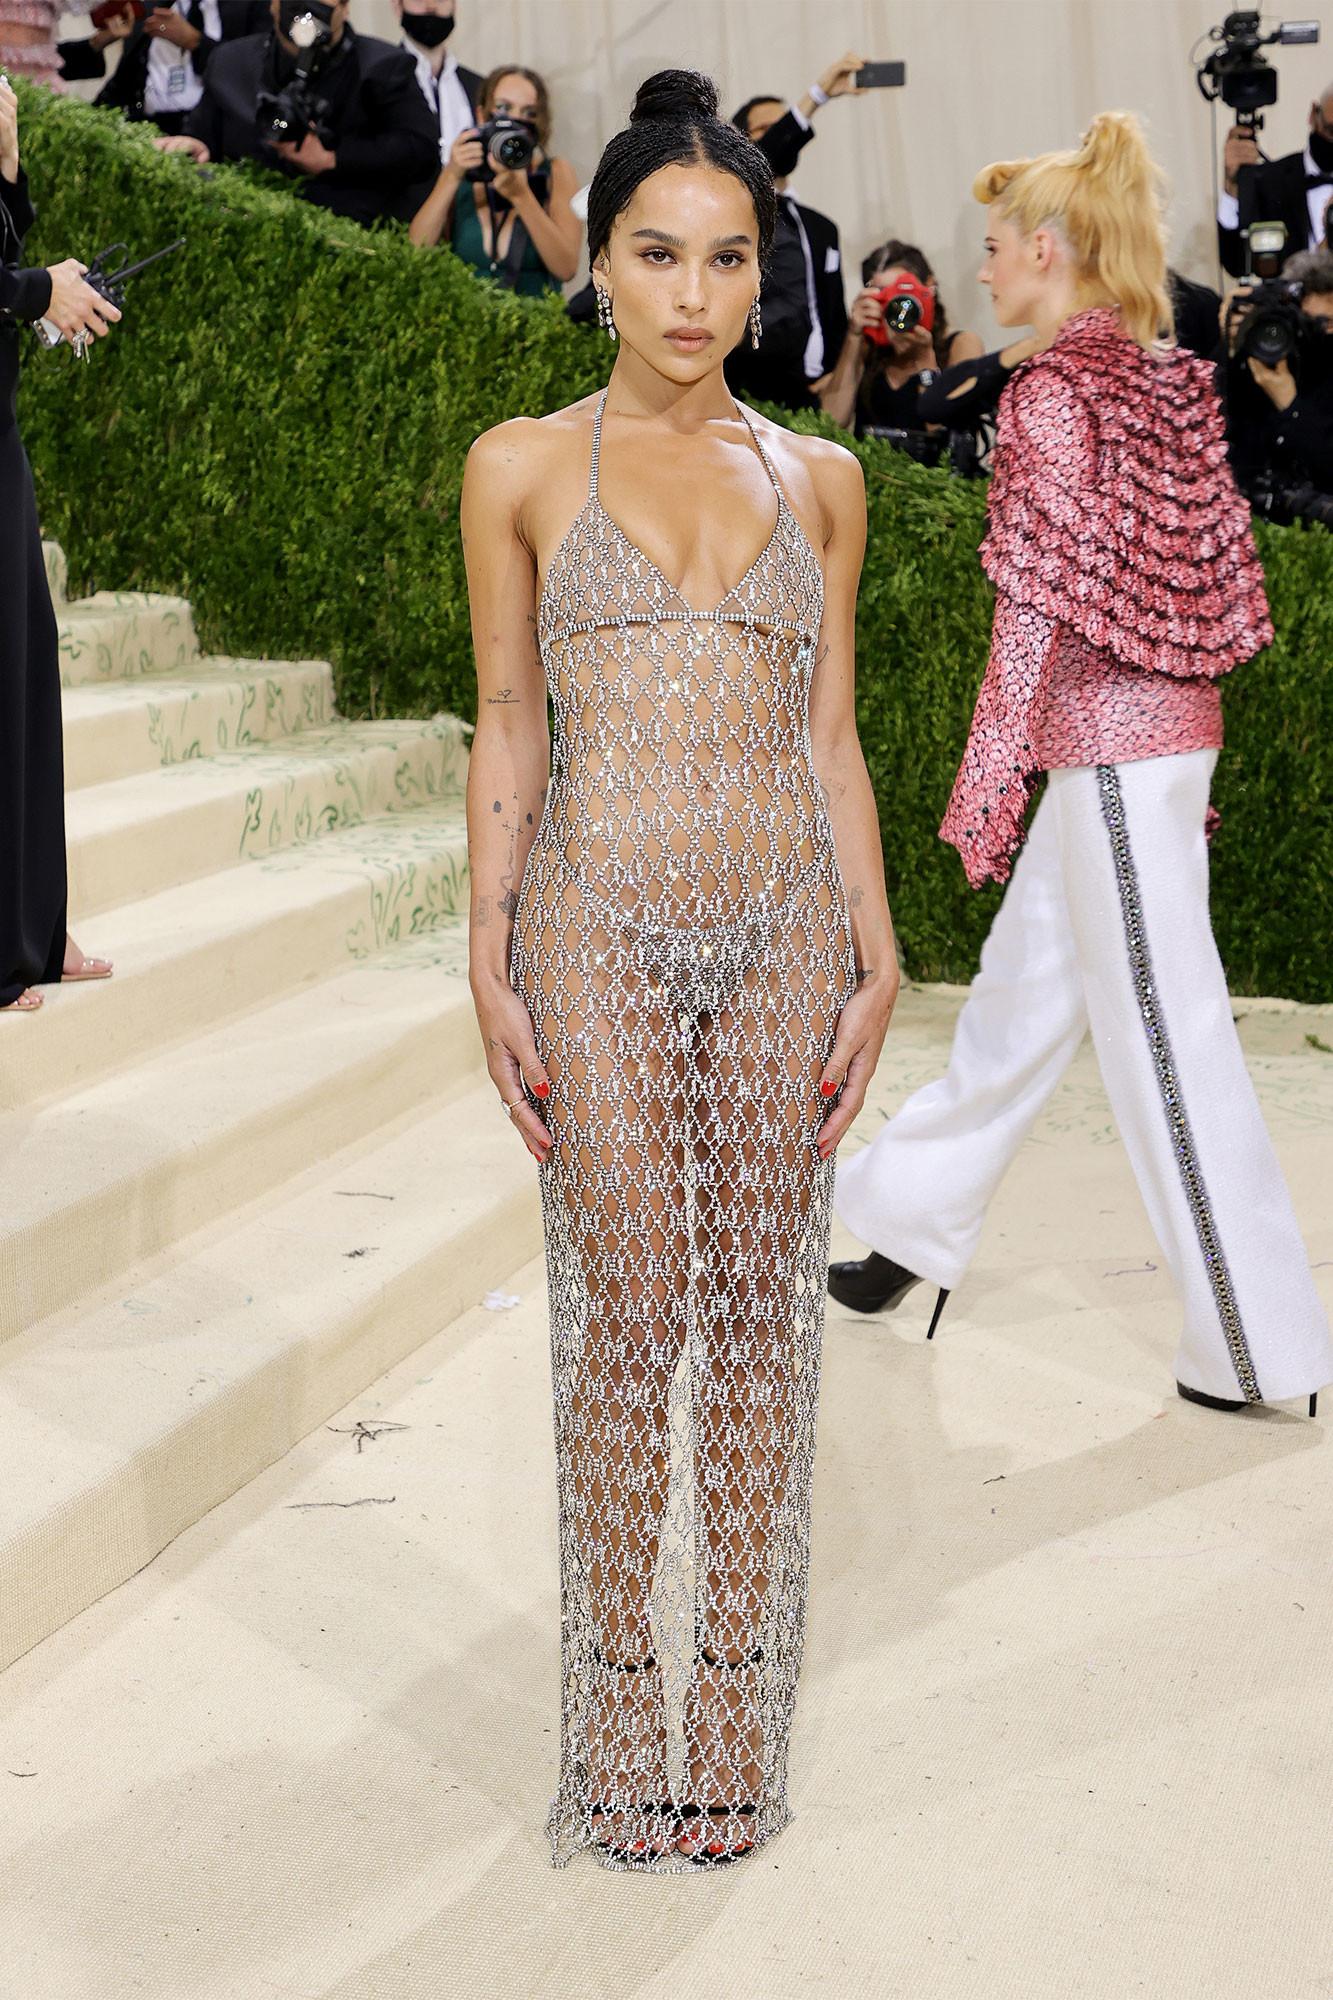 Chọn chiếc váy kết lưới lỗ chỗ của Saint Laurent, Zoe Kravitz mặc như không lên thảm đỏ. Người đẹp táo bạo thả rông và chỉ diện quần nội y tí hon để che chắn.